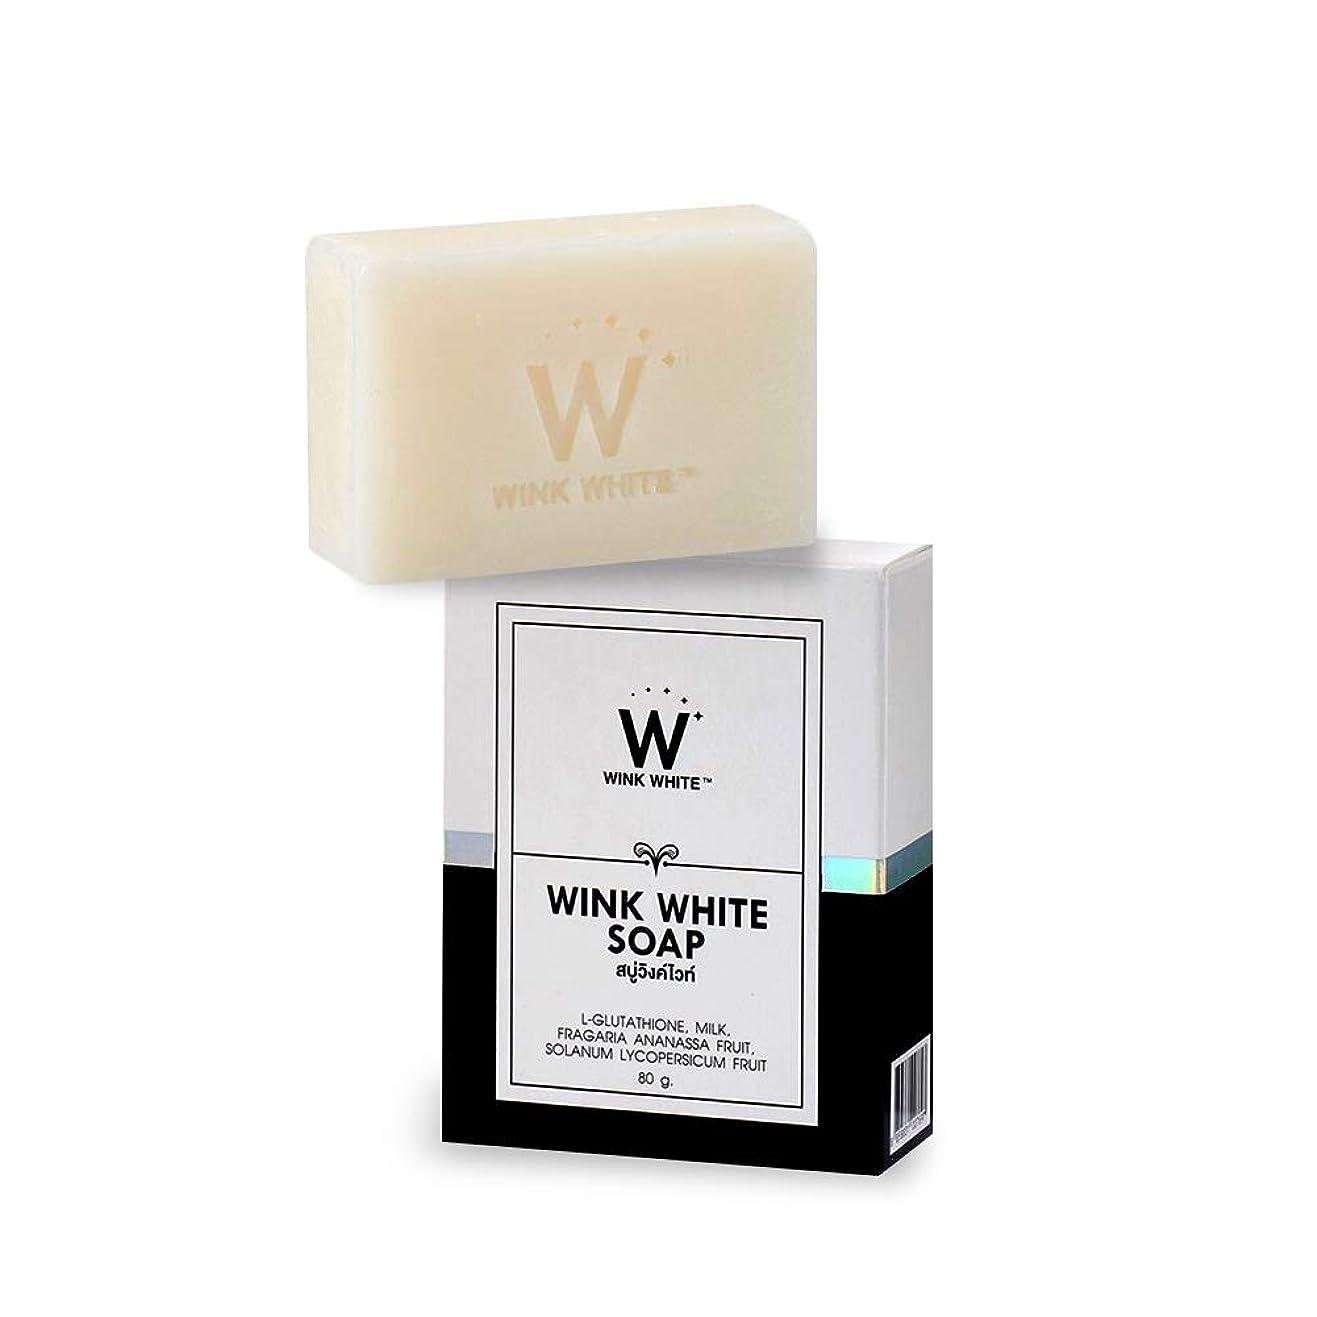 バージンキャラバン忠実なMangos Teen White Soap Base Wink White Soap Gluta Pure Skin Body Whitening Strawberry for Whitening Skin All Natural Milled Goats Milk 1 Bar 80g